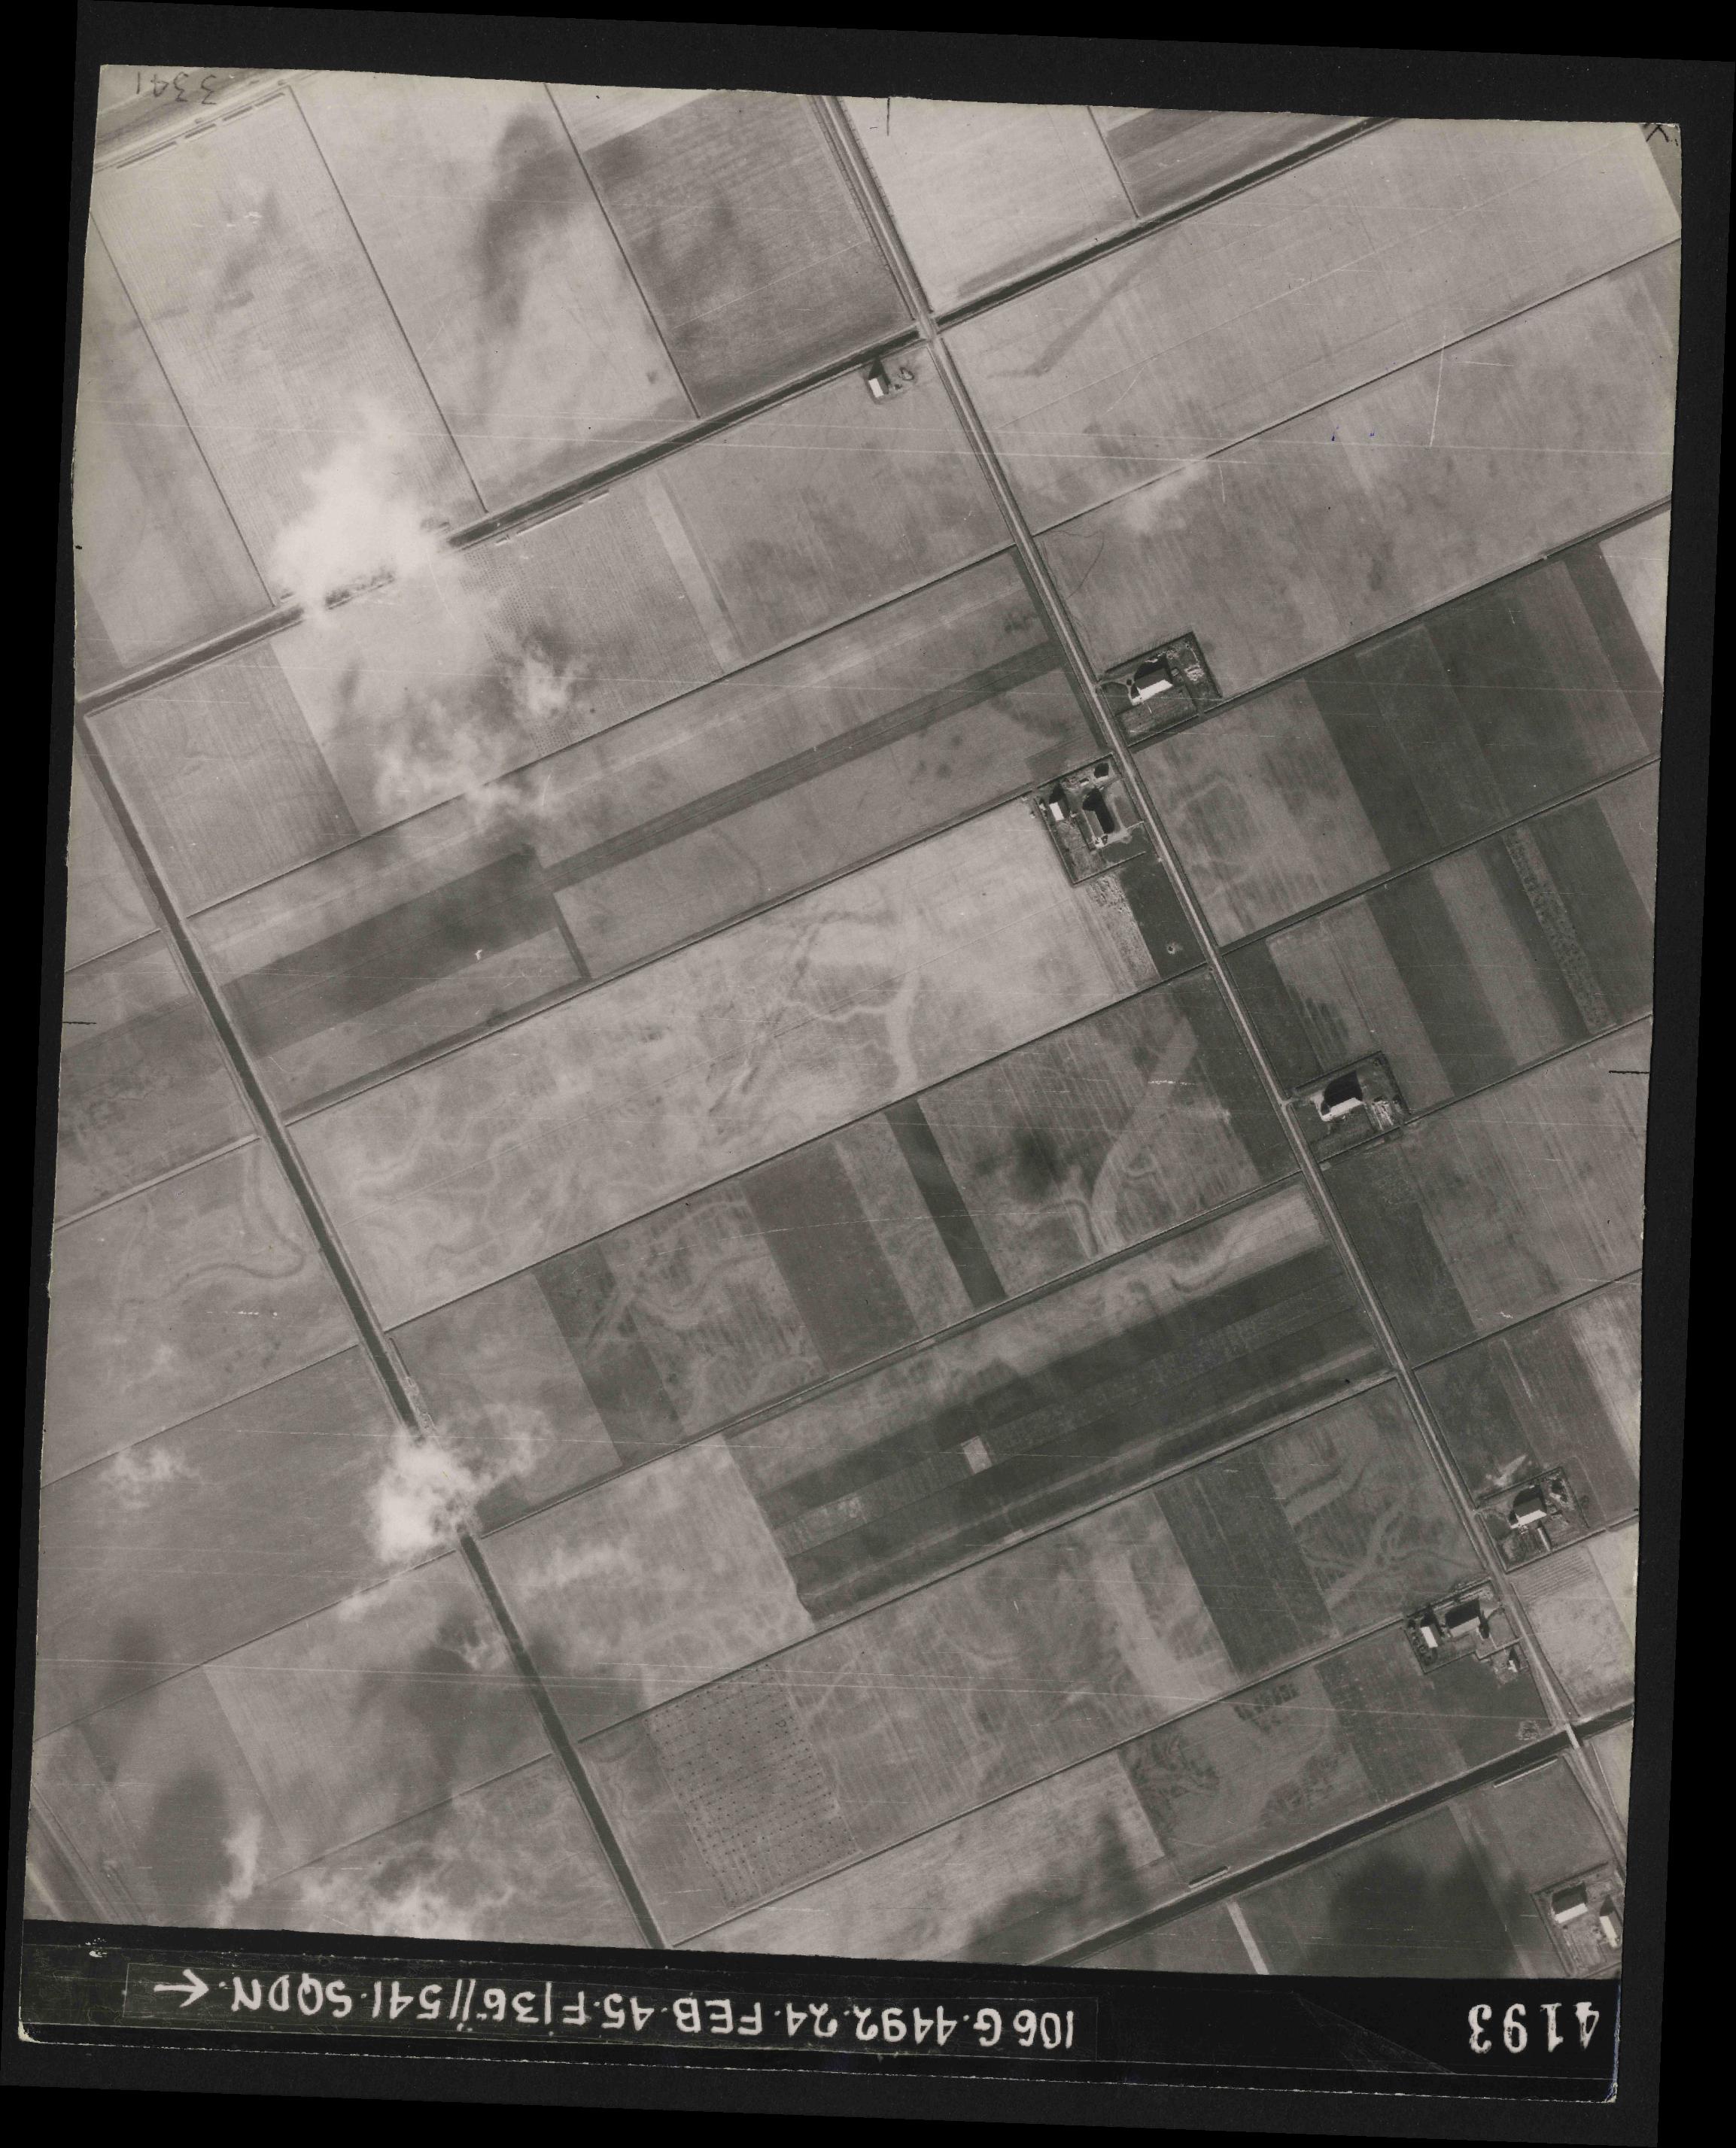 Collection RAF aerial photos 1940-1945 - flight 112, run 14, photo 4193